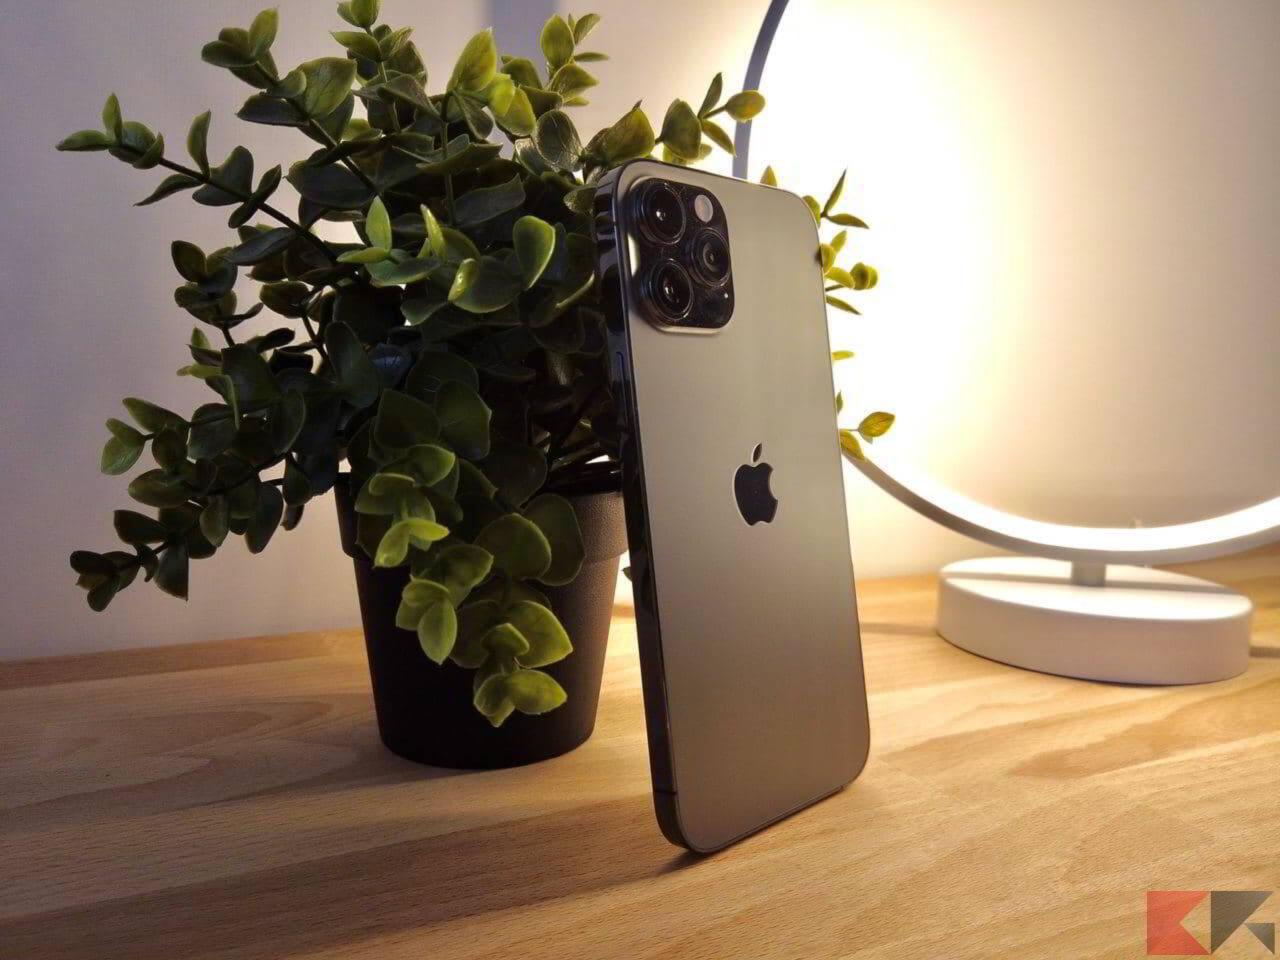 iphone 12 pro max 2